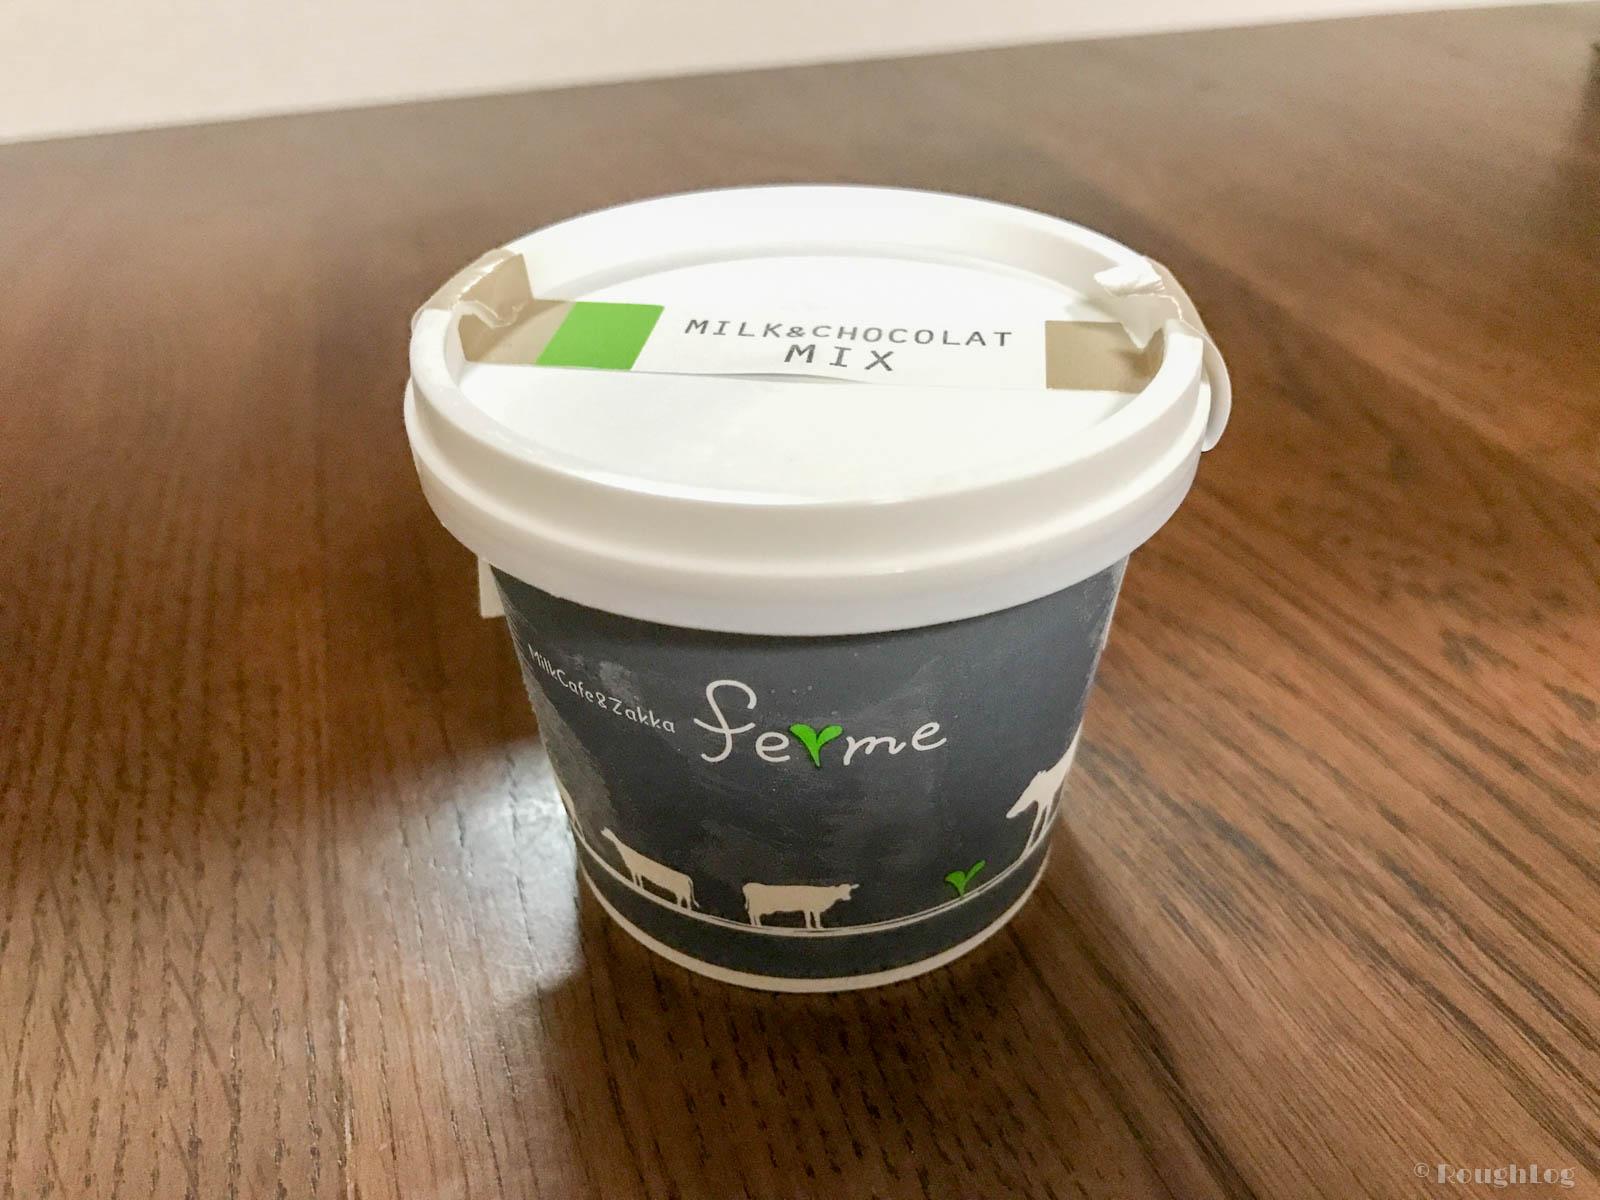 【ふるさと納税】北海道豊富町「とよとみ牛乳ソフトクリーム」ミルク&ショコラ味